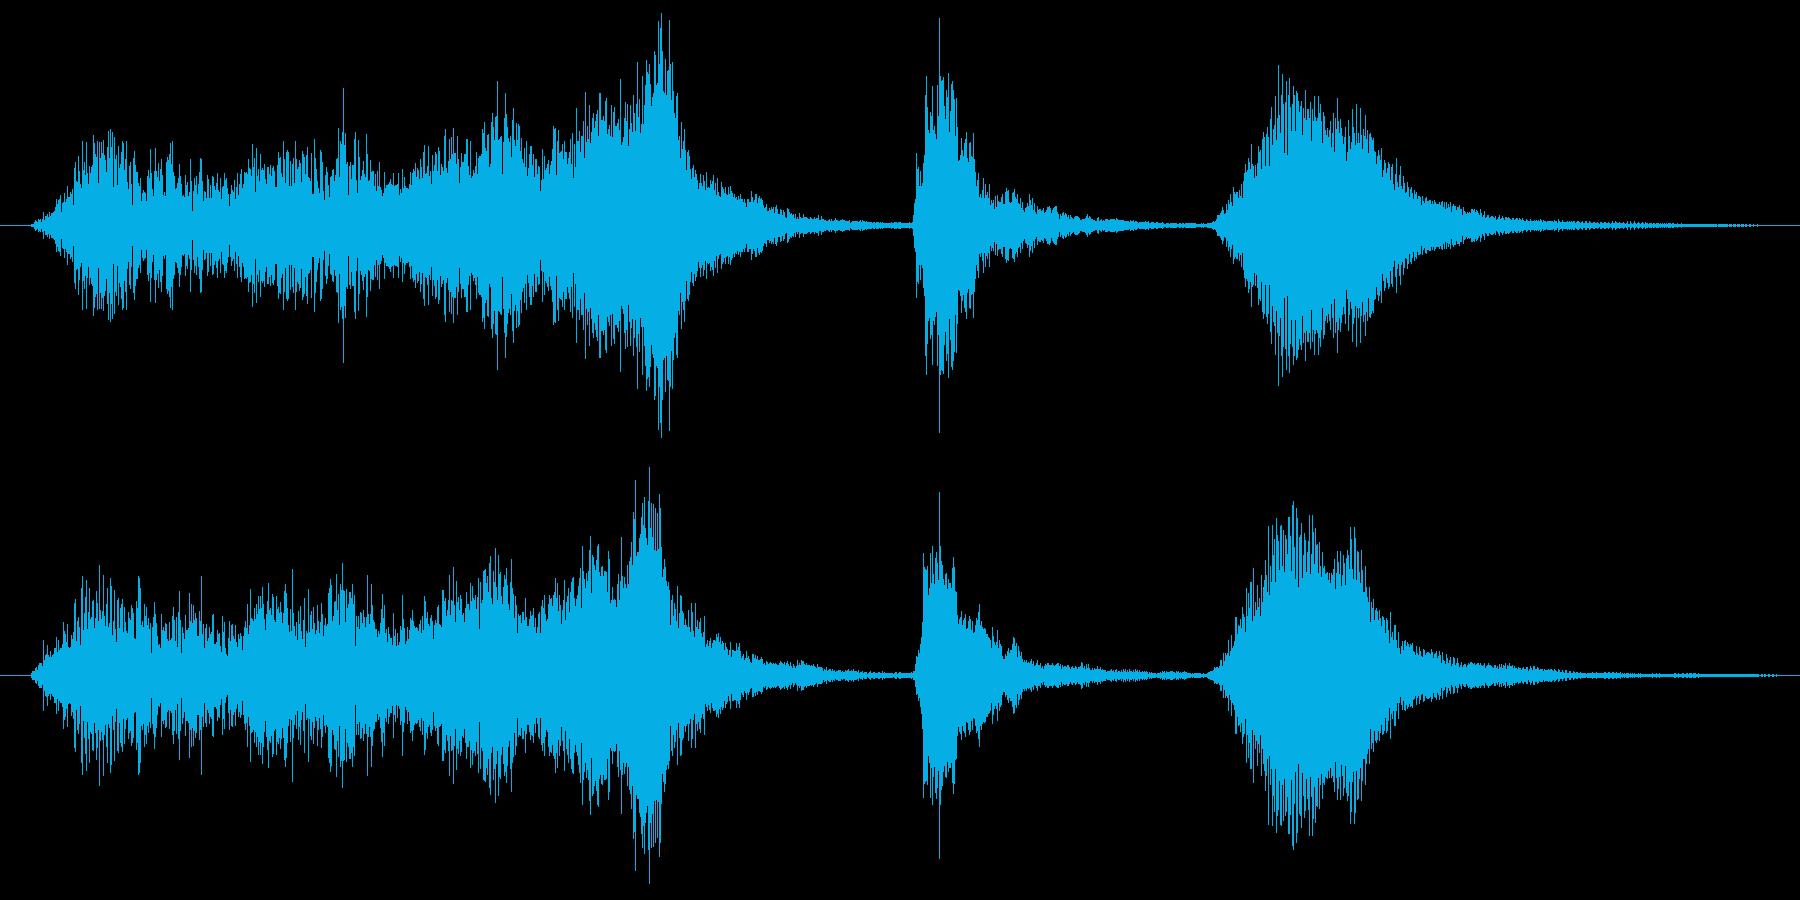 ストリングスが飛び跳ねるサウンドロゴの再生済みの波形